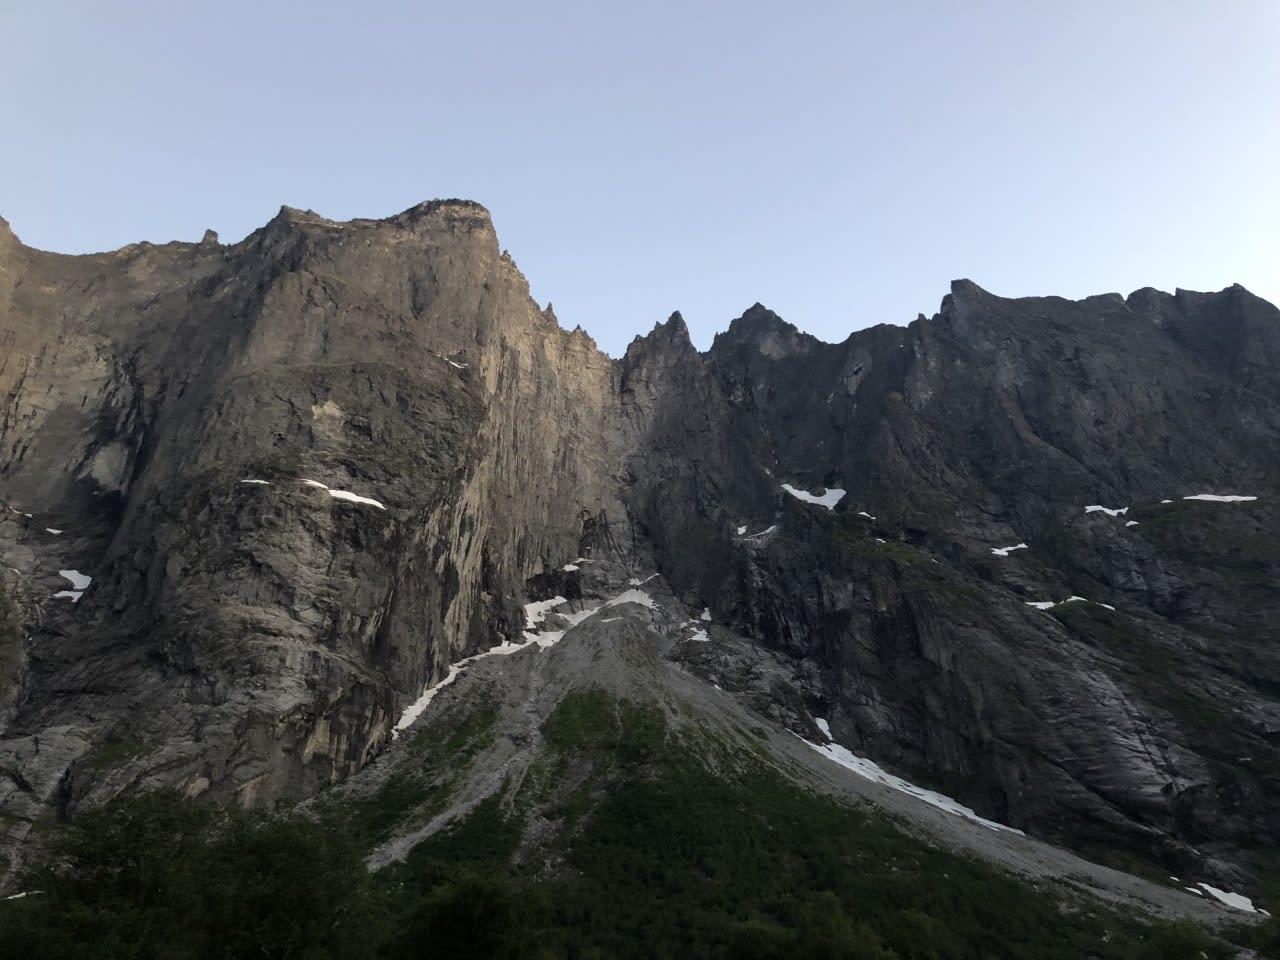 Trollveggen i Romsdalen er en 1700 meter høy fjellvegg. Flere av rutene er utsatt for steinsprang. Arkivfoto: Dag Hagen